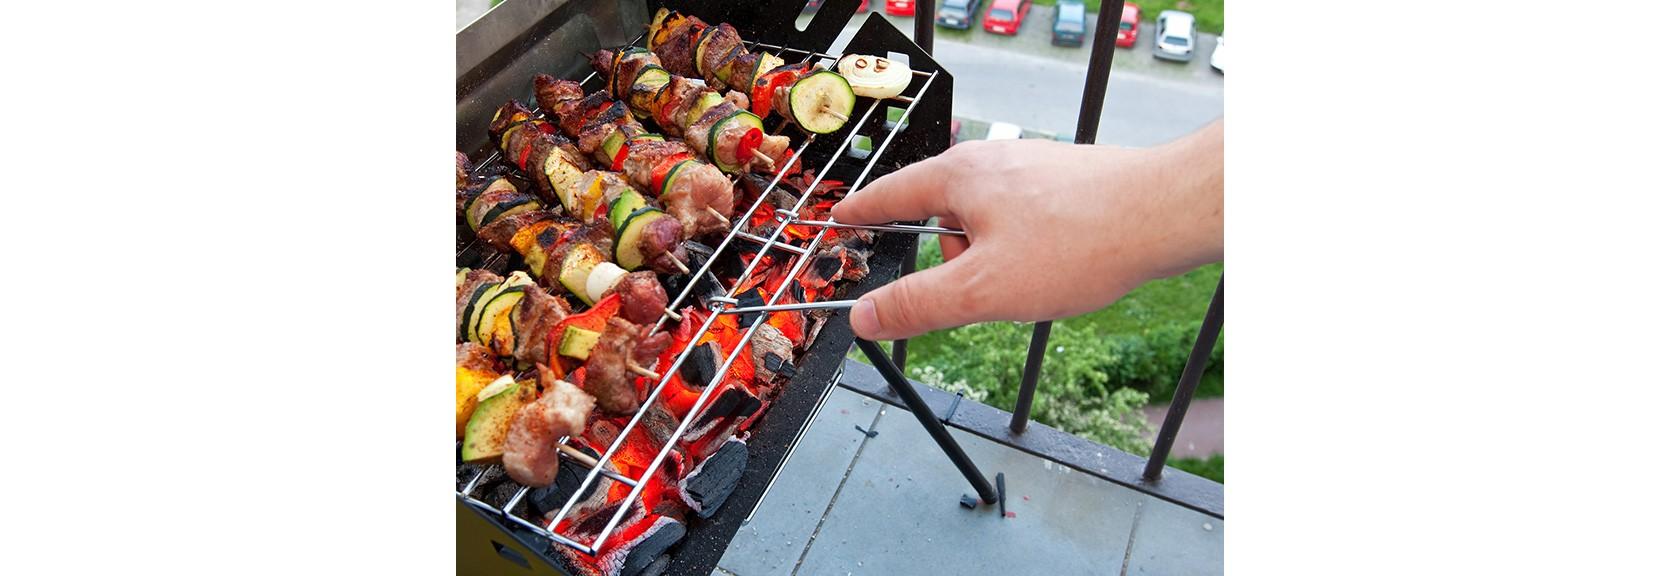 Leitfaden für sicheres Grillen im Sommer. Eine Kohlegrill auf einer Terrasse.